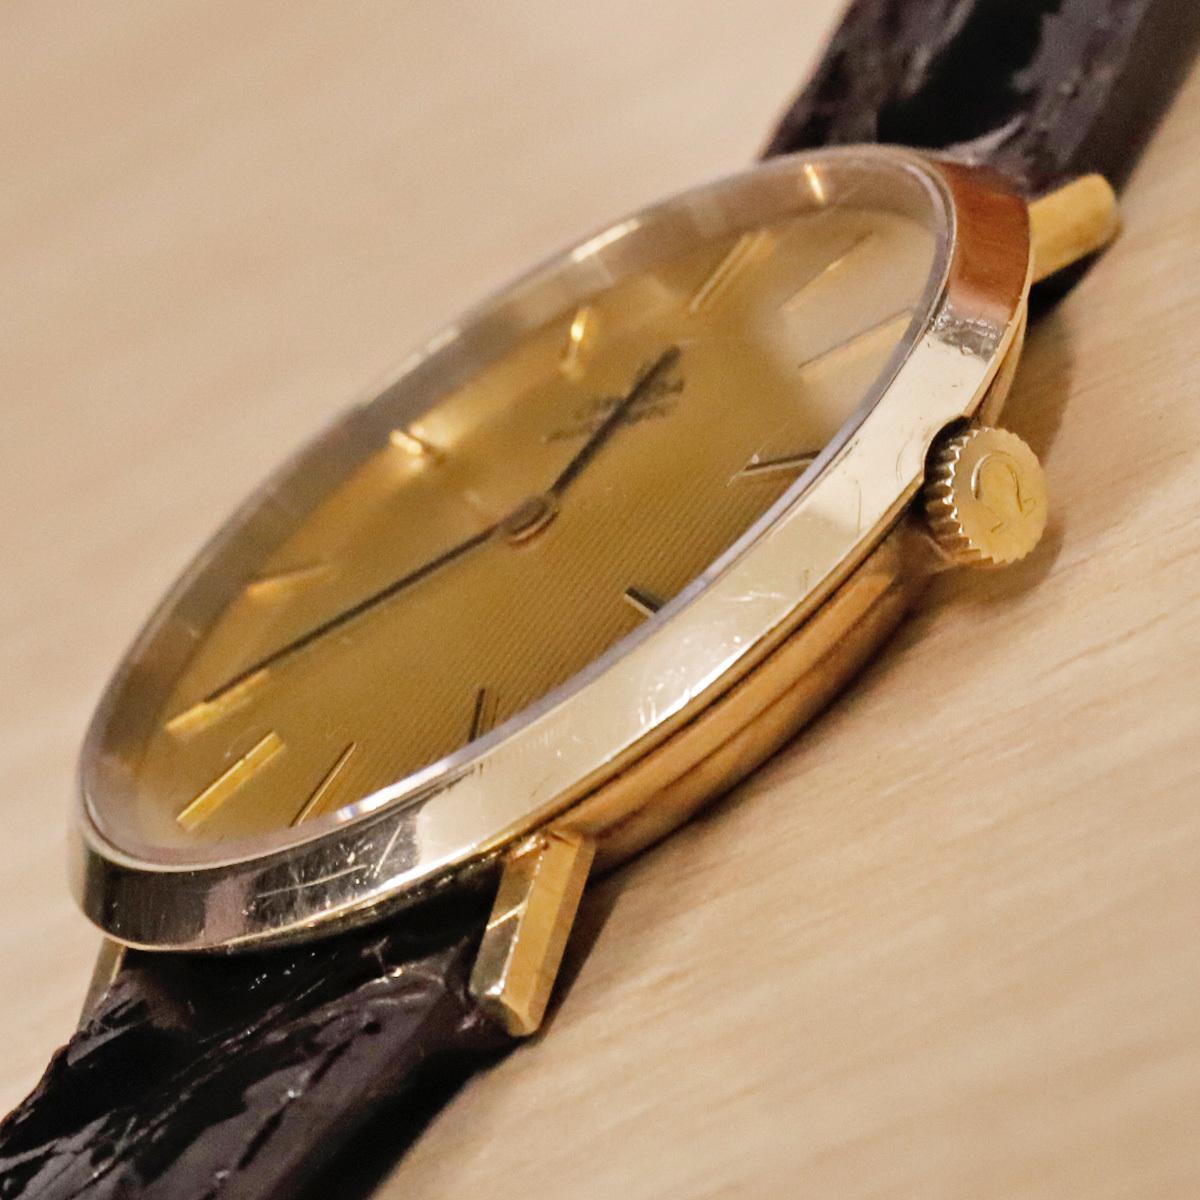 本物 オメガ 自動巻 オートマチック メンズウォッチ ゴールドケース 機械式腕時計 スイス製 正規品 OMEGA_画像3